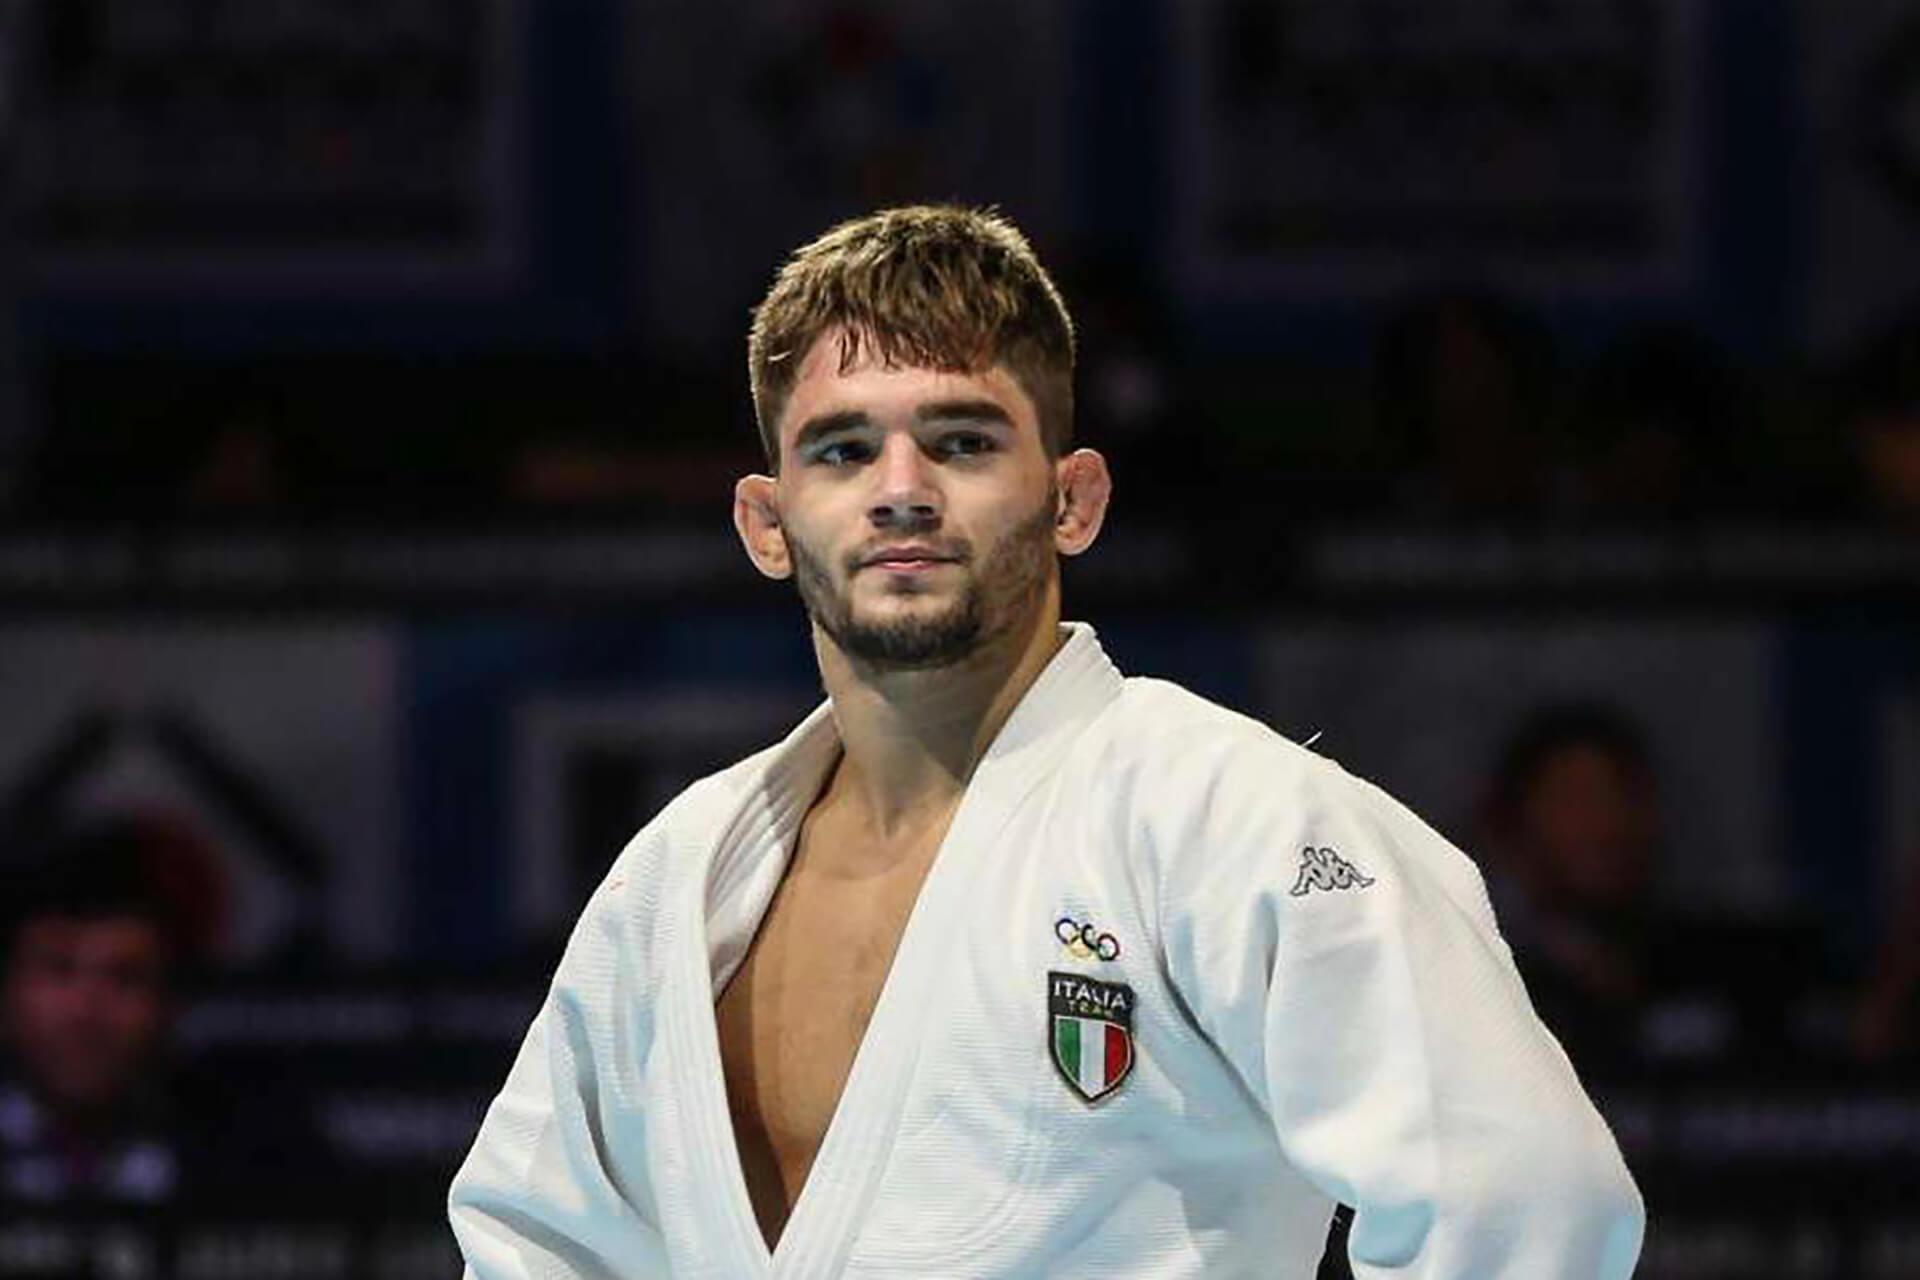 Manuel Lombardo, judoka predestinato